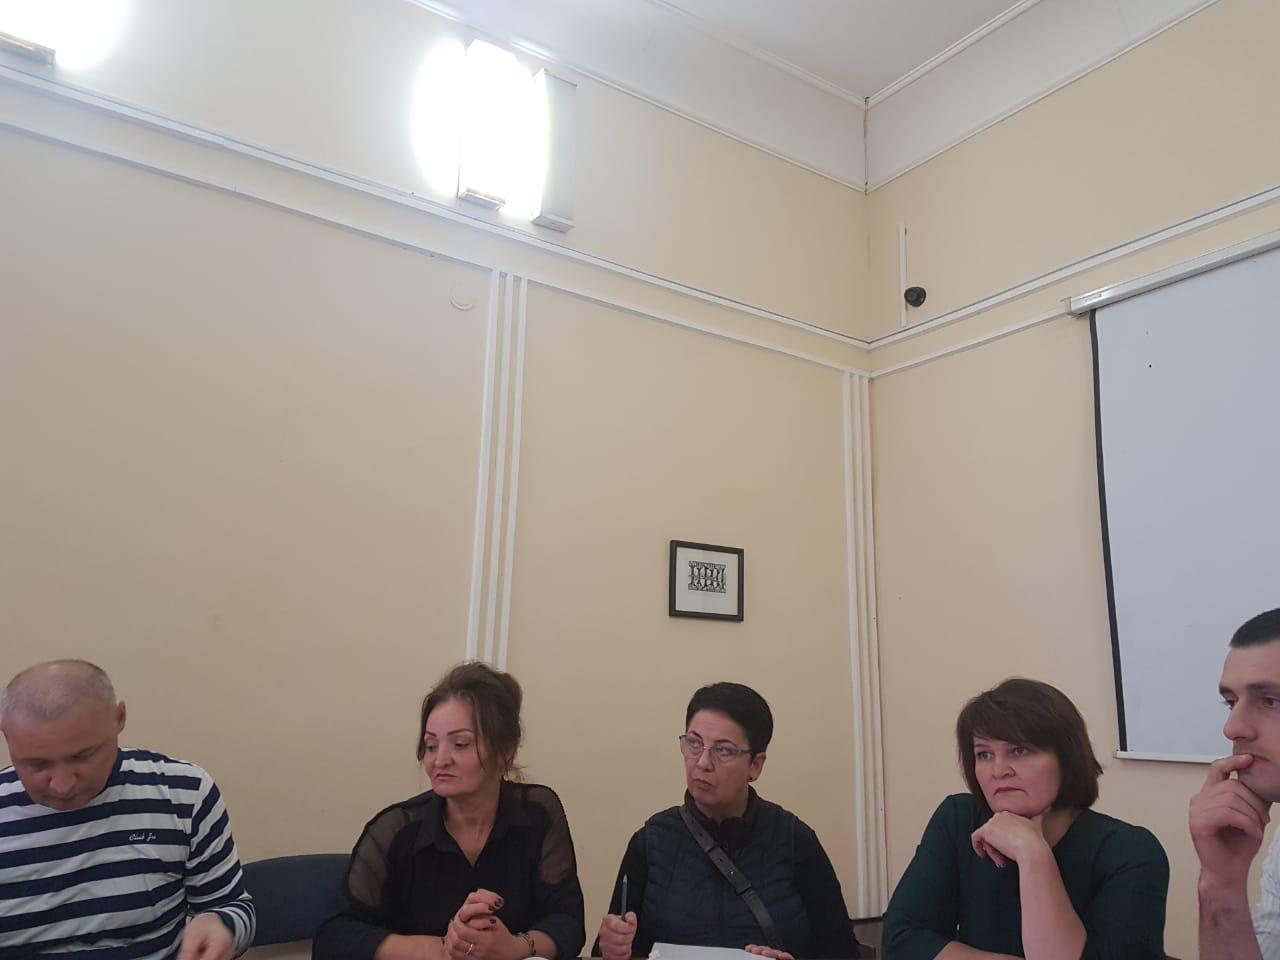 Отчет о проведении семинара для субъектов малого и среднего предпринимательства Республики Северная Осетия-Алания «Документационное сопровождение экспорта»